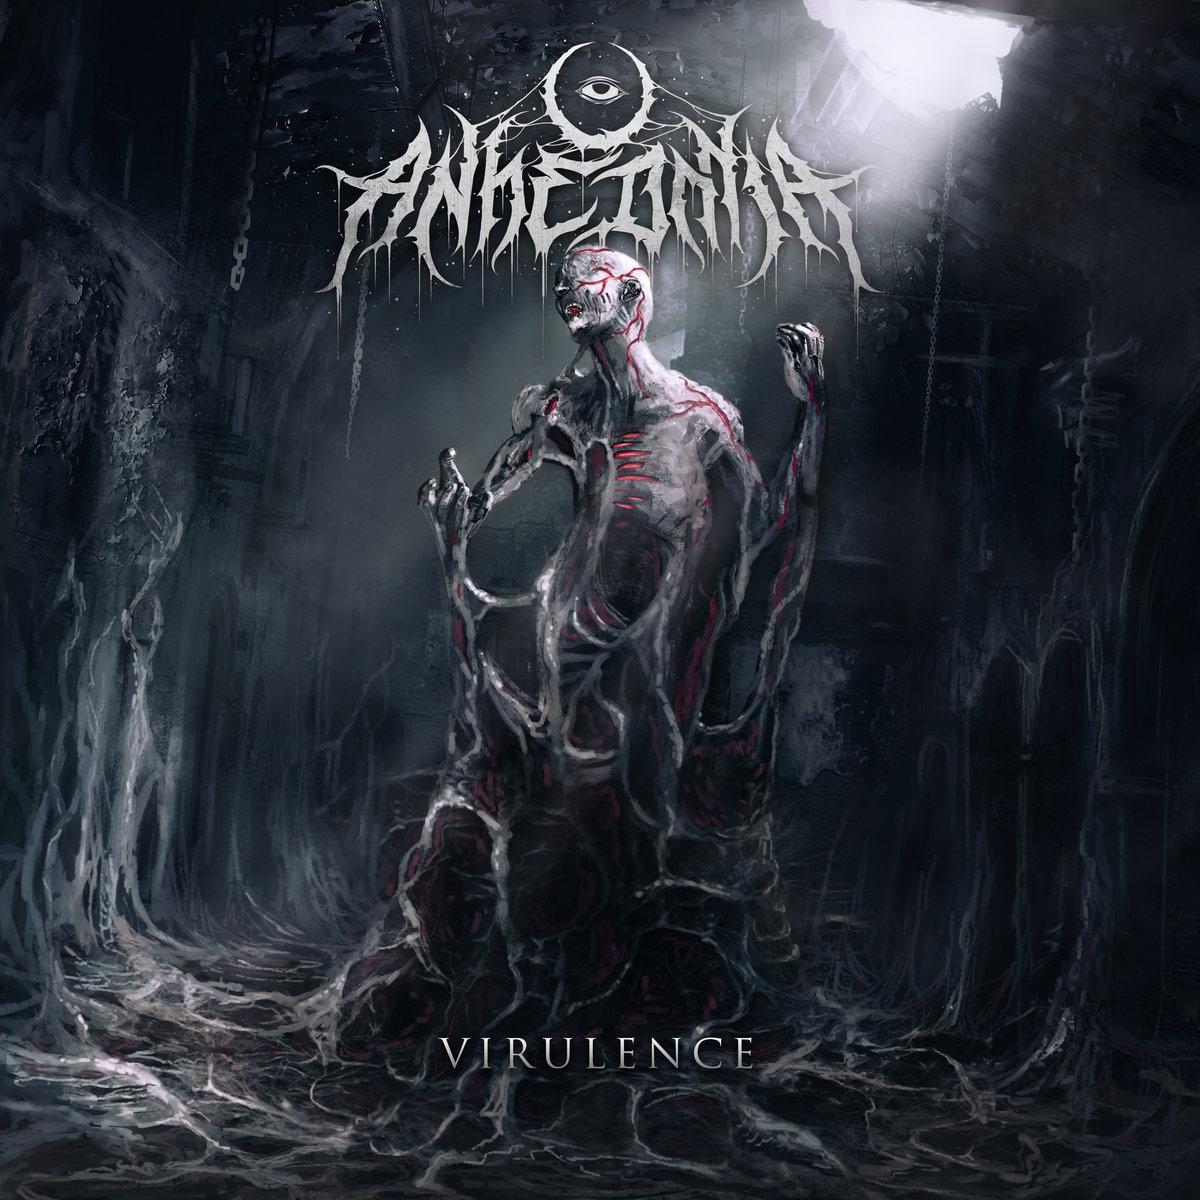 Anhedonia - Virulence (2019)